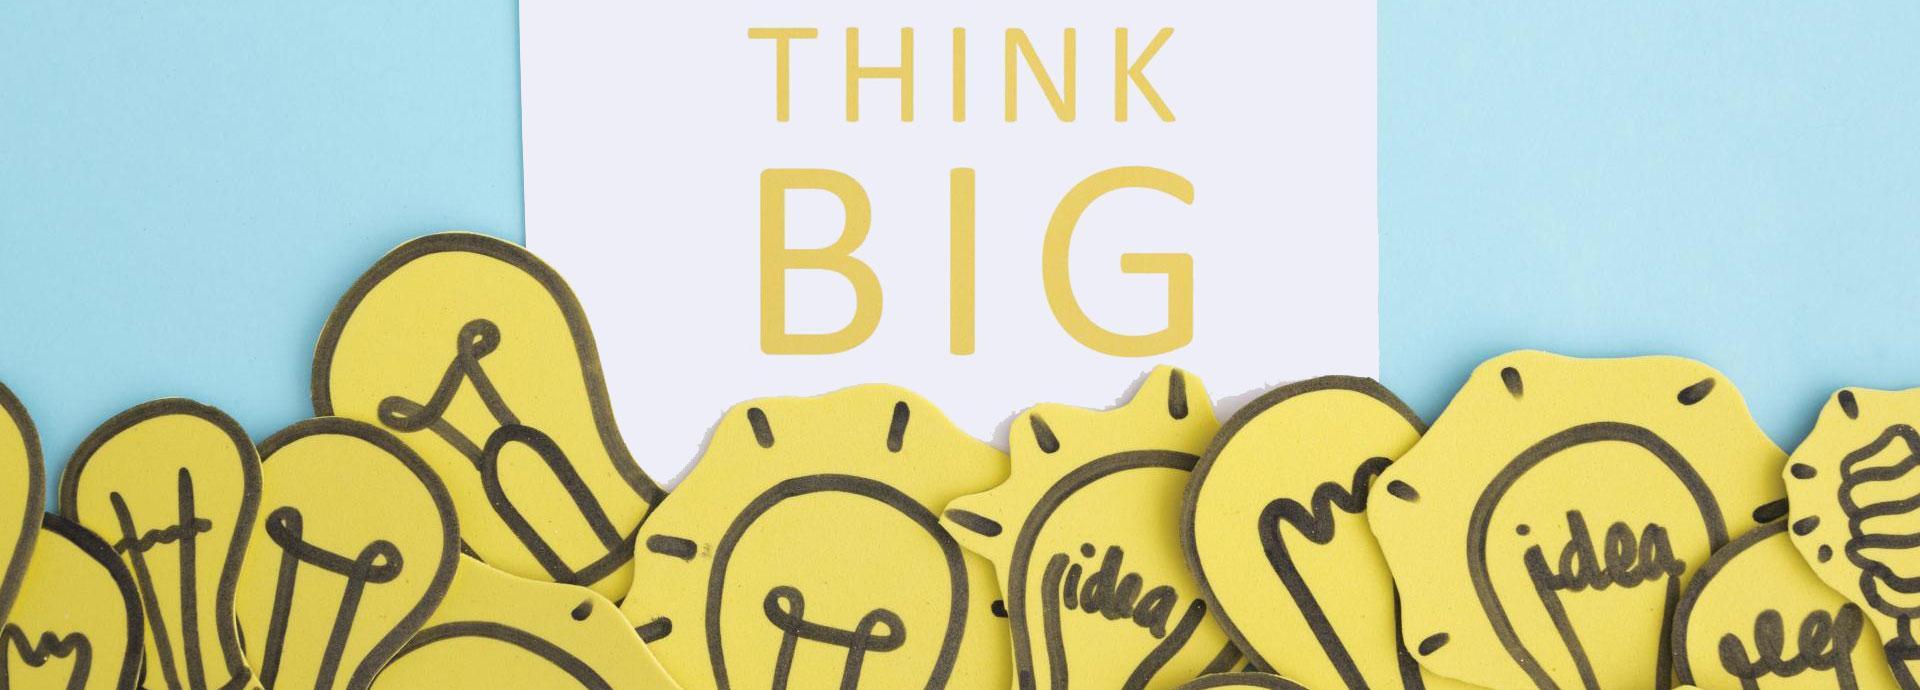 Pense grande